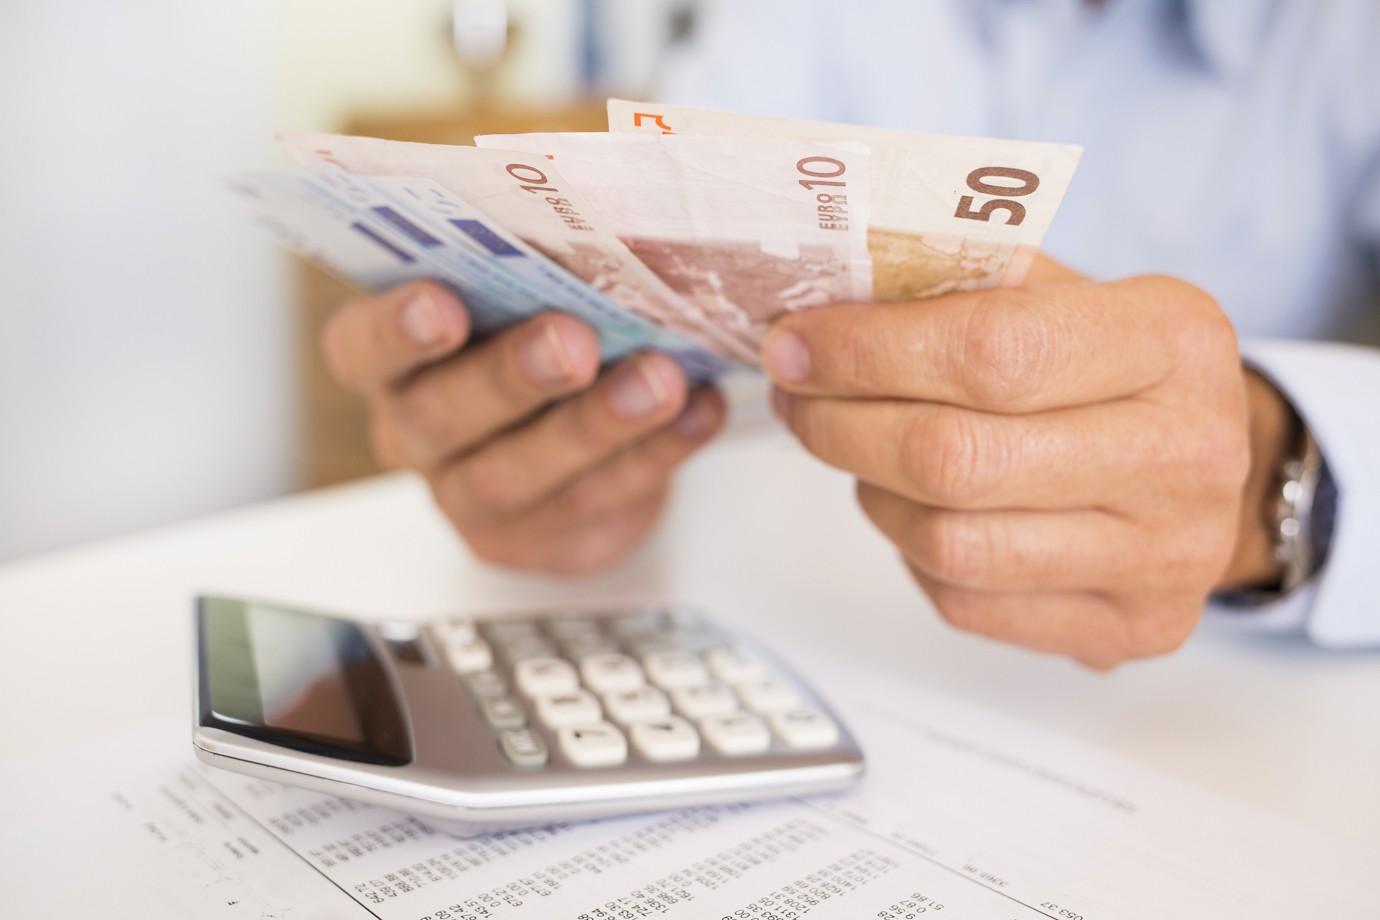 São Carlos registra crescimento de 17,3% de microempreendedores individuais no 1º semestre de 2021